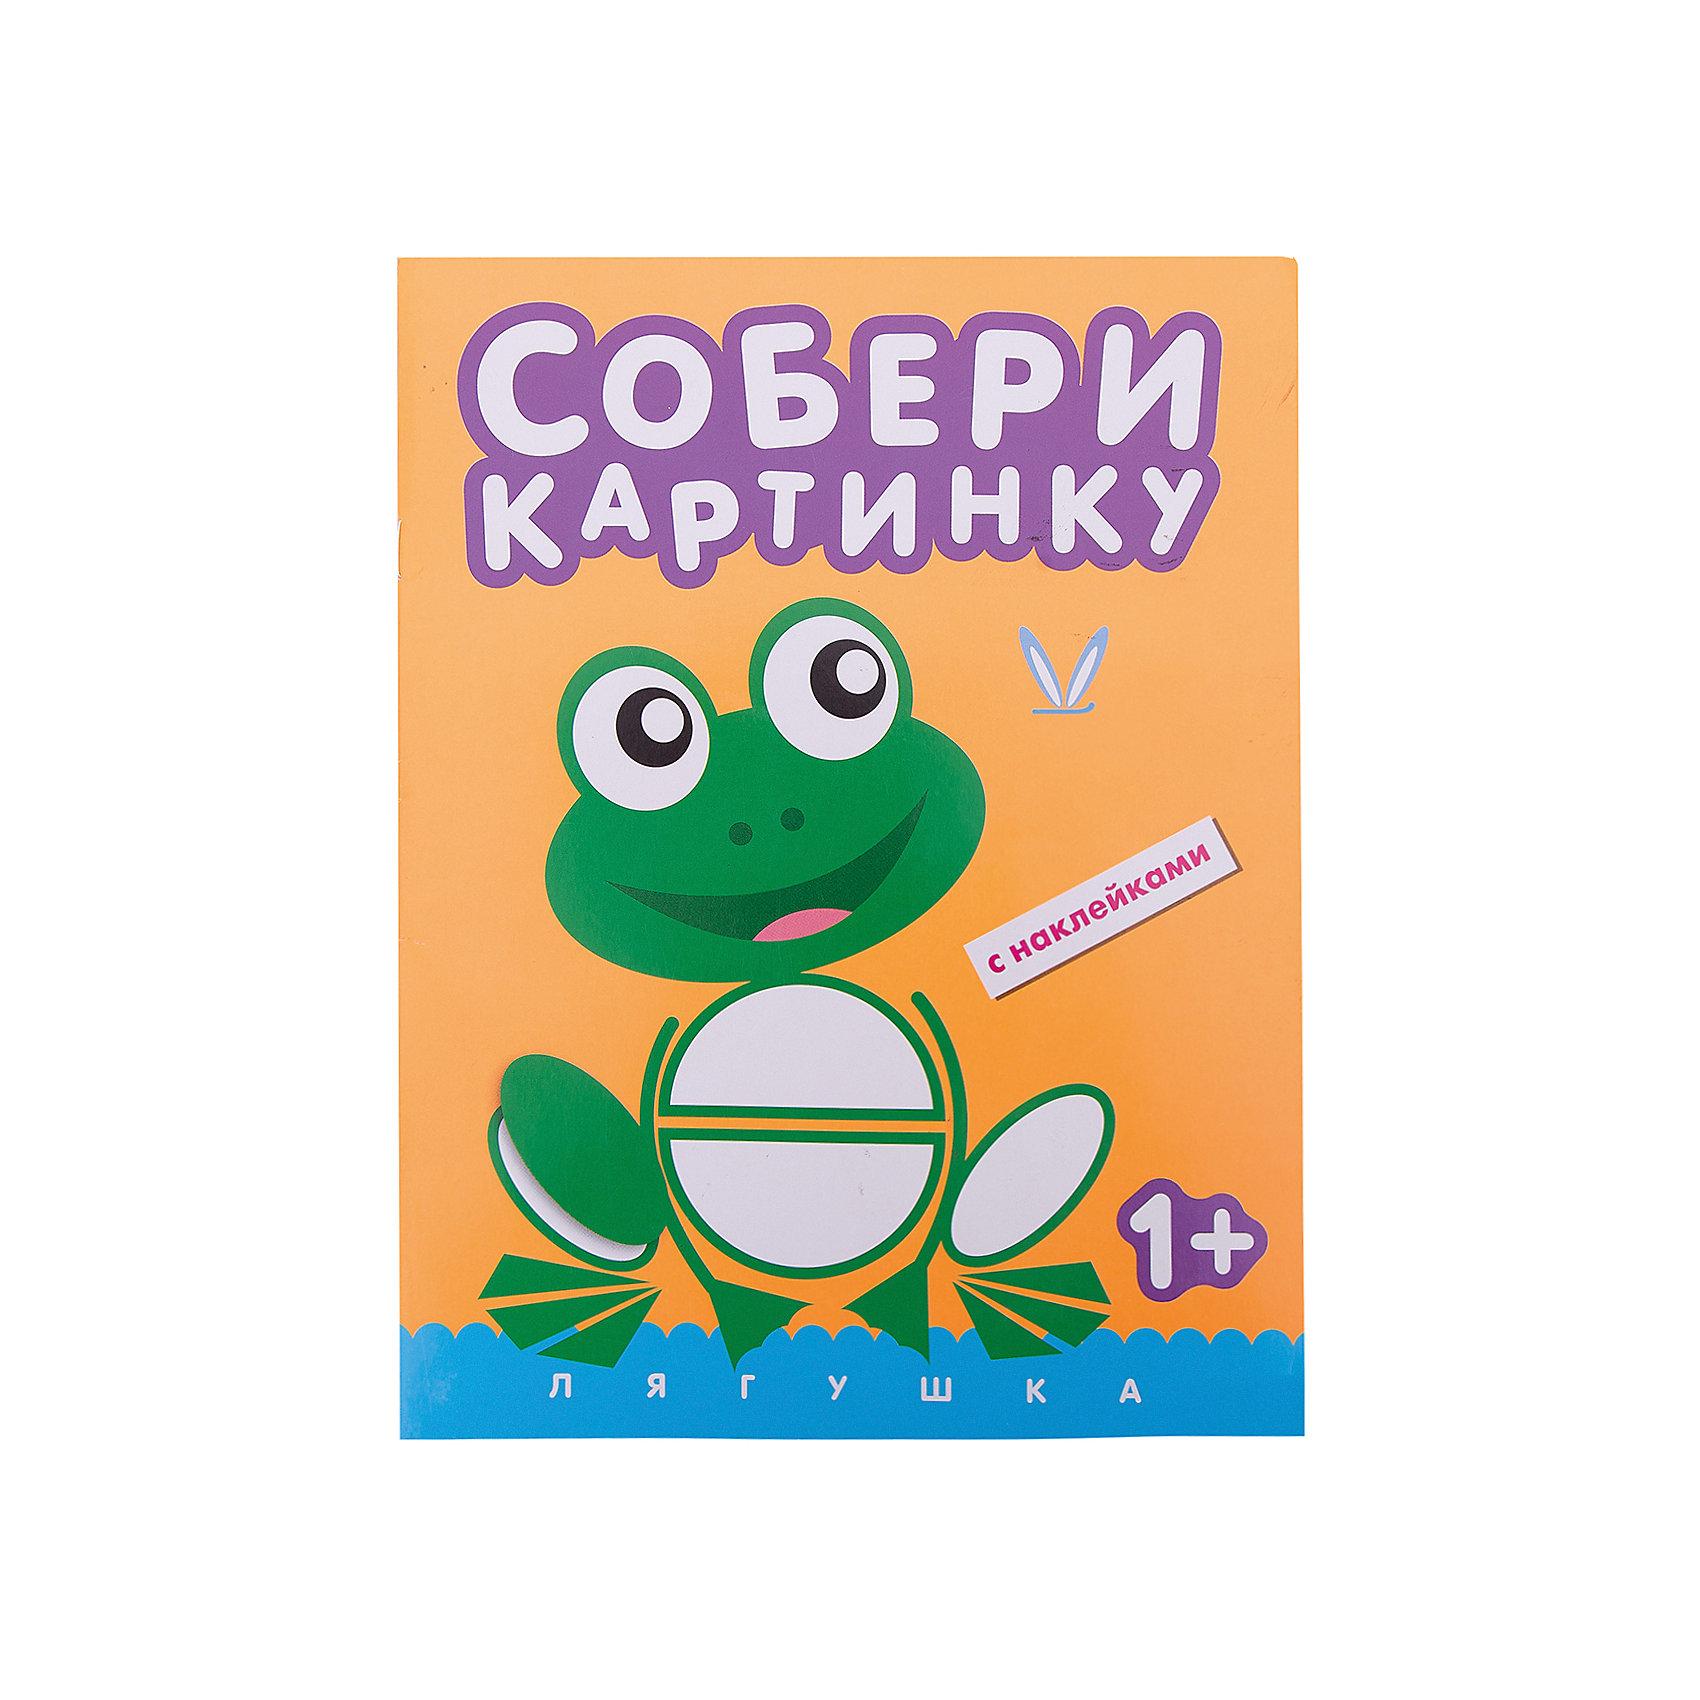 Собери картинку ЛягушонокКниги для развития мышления<br>Собери картинку «Лягушонок»<br><br>Характеристики:<br>• издательство: Мозаика-Синтез;<br>• размер: 25х0,2х19,5 см.;<br>• количество страниц: 10;<br>• тип обложки: мягкая;<br>• иллюстрации: цветные;<br>• ISBN: 9785431505256;<br>• вес: 60 г.;<br>• для детей в возрасте: от 1 года;<br>• страна производитель: Россия.<br>Развивающая книжка из серии «Собери картинку» предназначена для занятий с самыми маленькими детьми от года. С её помощью ребёнок сможет познакомиться и наглядно использовать геометрические фигуры, собирая из них животных и повседневные предметы. Яркие наклейки в виде цветных треугольников, квадратов, кругов и не только вклеиваются по смыслу в пропущенные на картинке белые места. Занимаясь с этой книжкой дети смогут развивать мелкую моторику рук, логическое мышление, чувство цвета, творческие способности. <br>Развивающую книжку собери картинку «Лягушонок» можно купить в нашем интернет-магазине.<br><br>Ширина мм: 40<br>Глубина мм: 195<br>Высота мм: 255<br>Вес г: 65<br>Возраст от месяцев: 12<br>Возраст до месяцев: 36<br>Пол: Унисекс<br>Возраст: Детский<br>SKU: 5562620